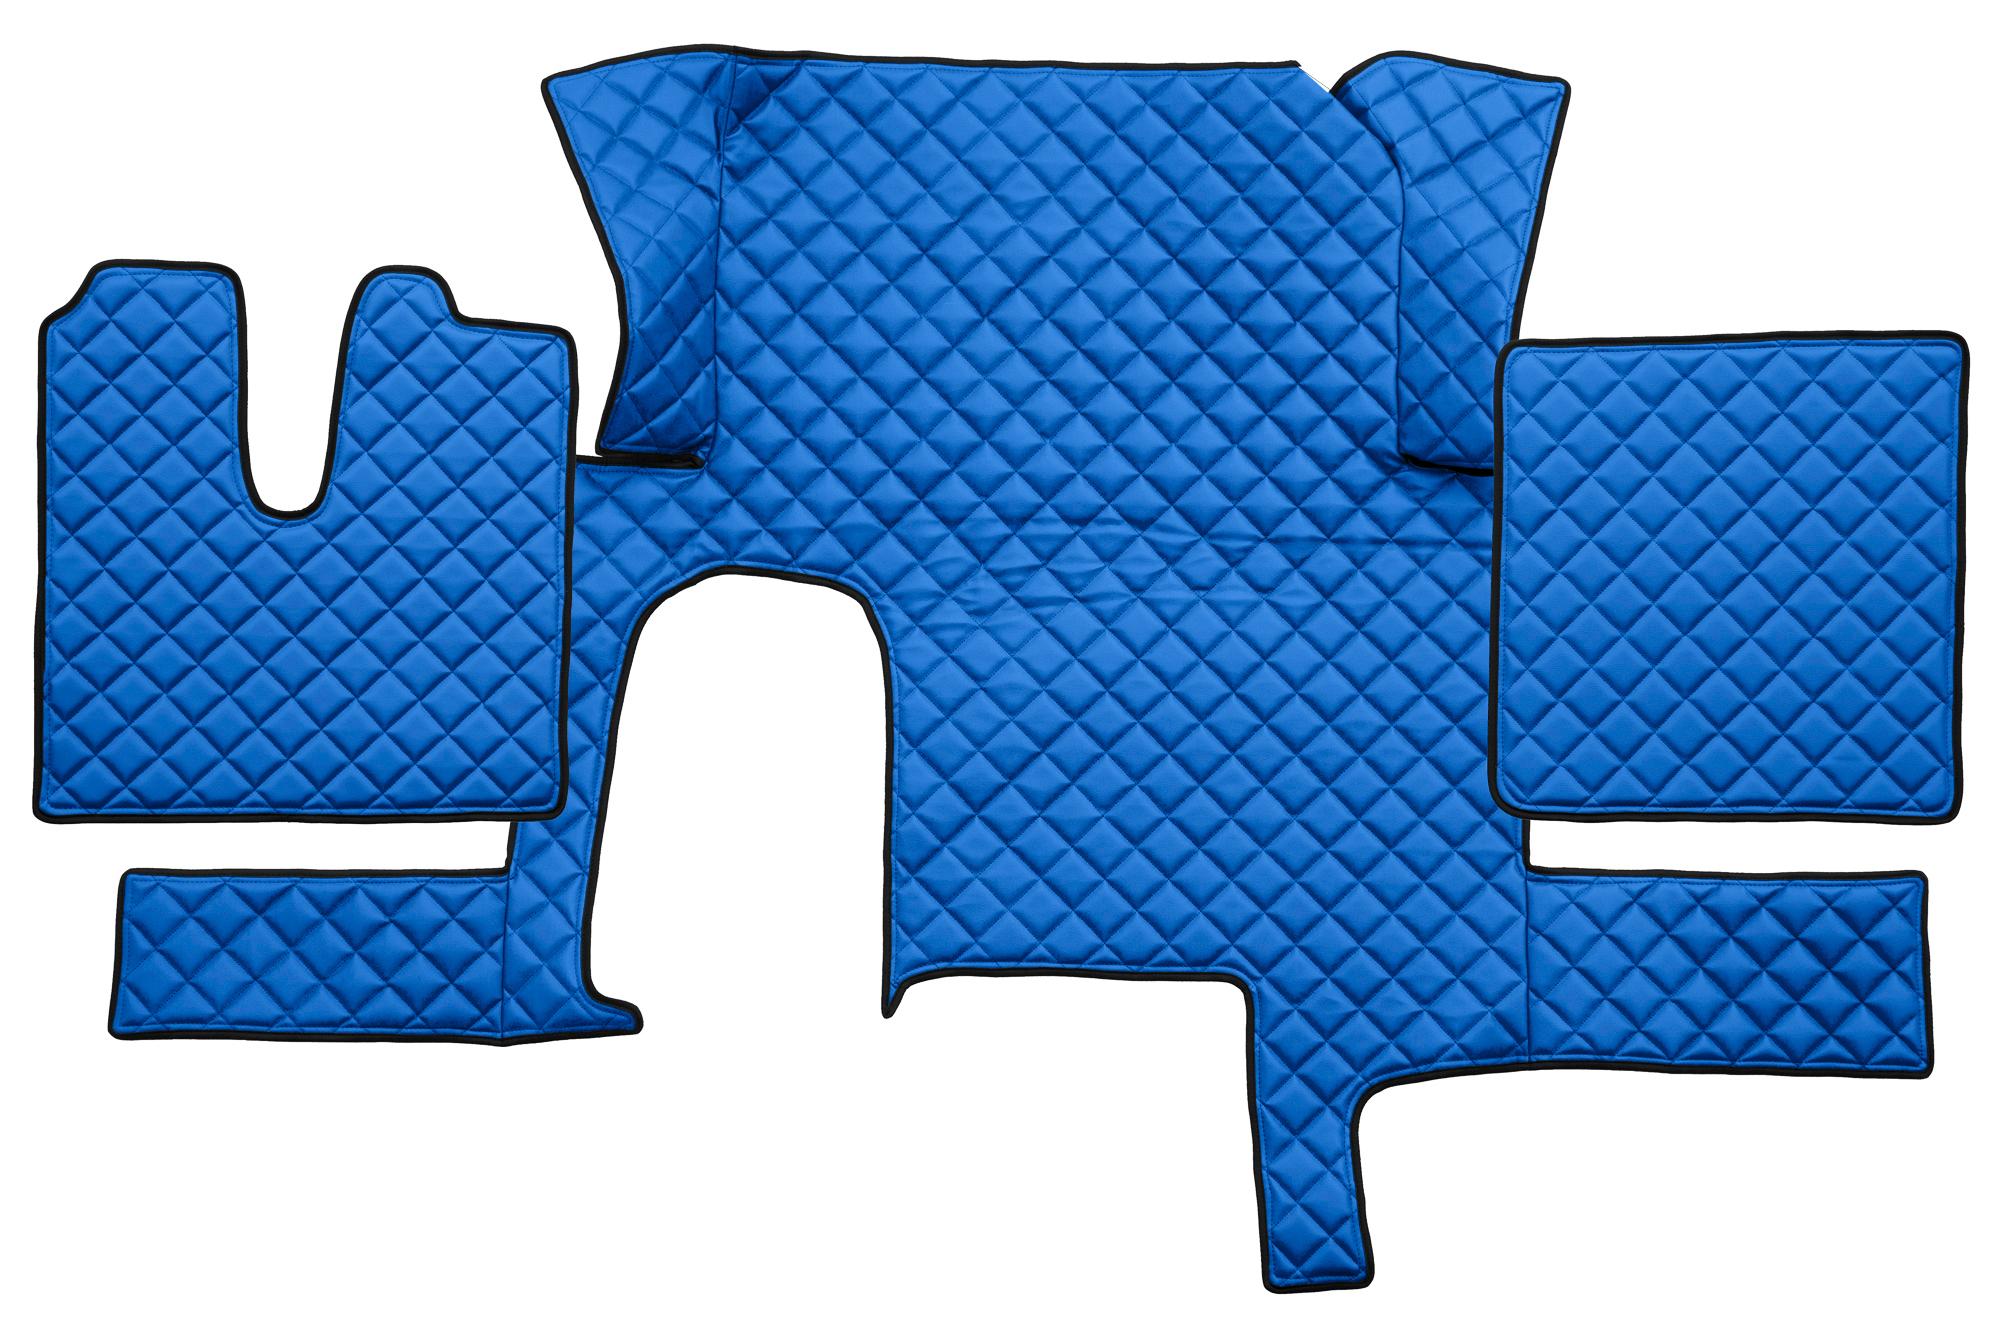 fl29 volle deckung lkw fu matten eco kunstleder man tgx automat ein schublade trucks shop. Black Bedroom Furniture Sets. Home Design Ideas